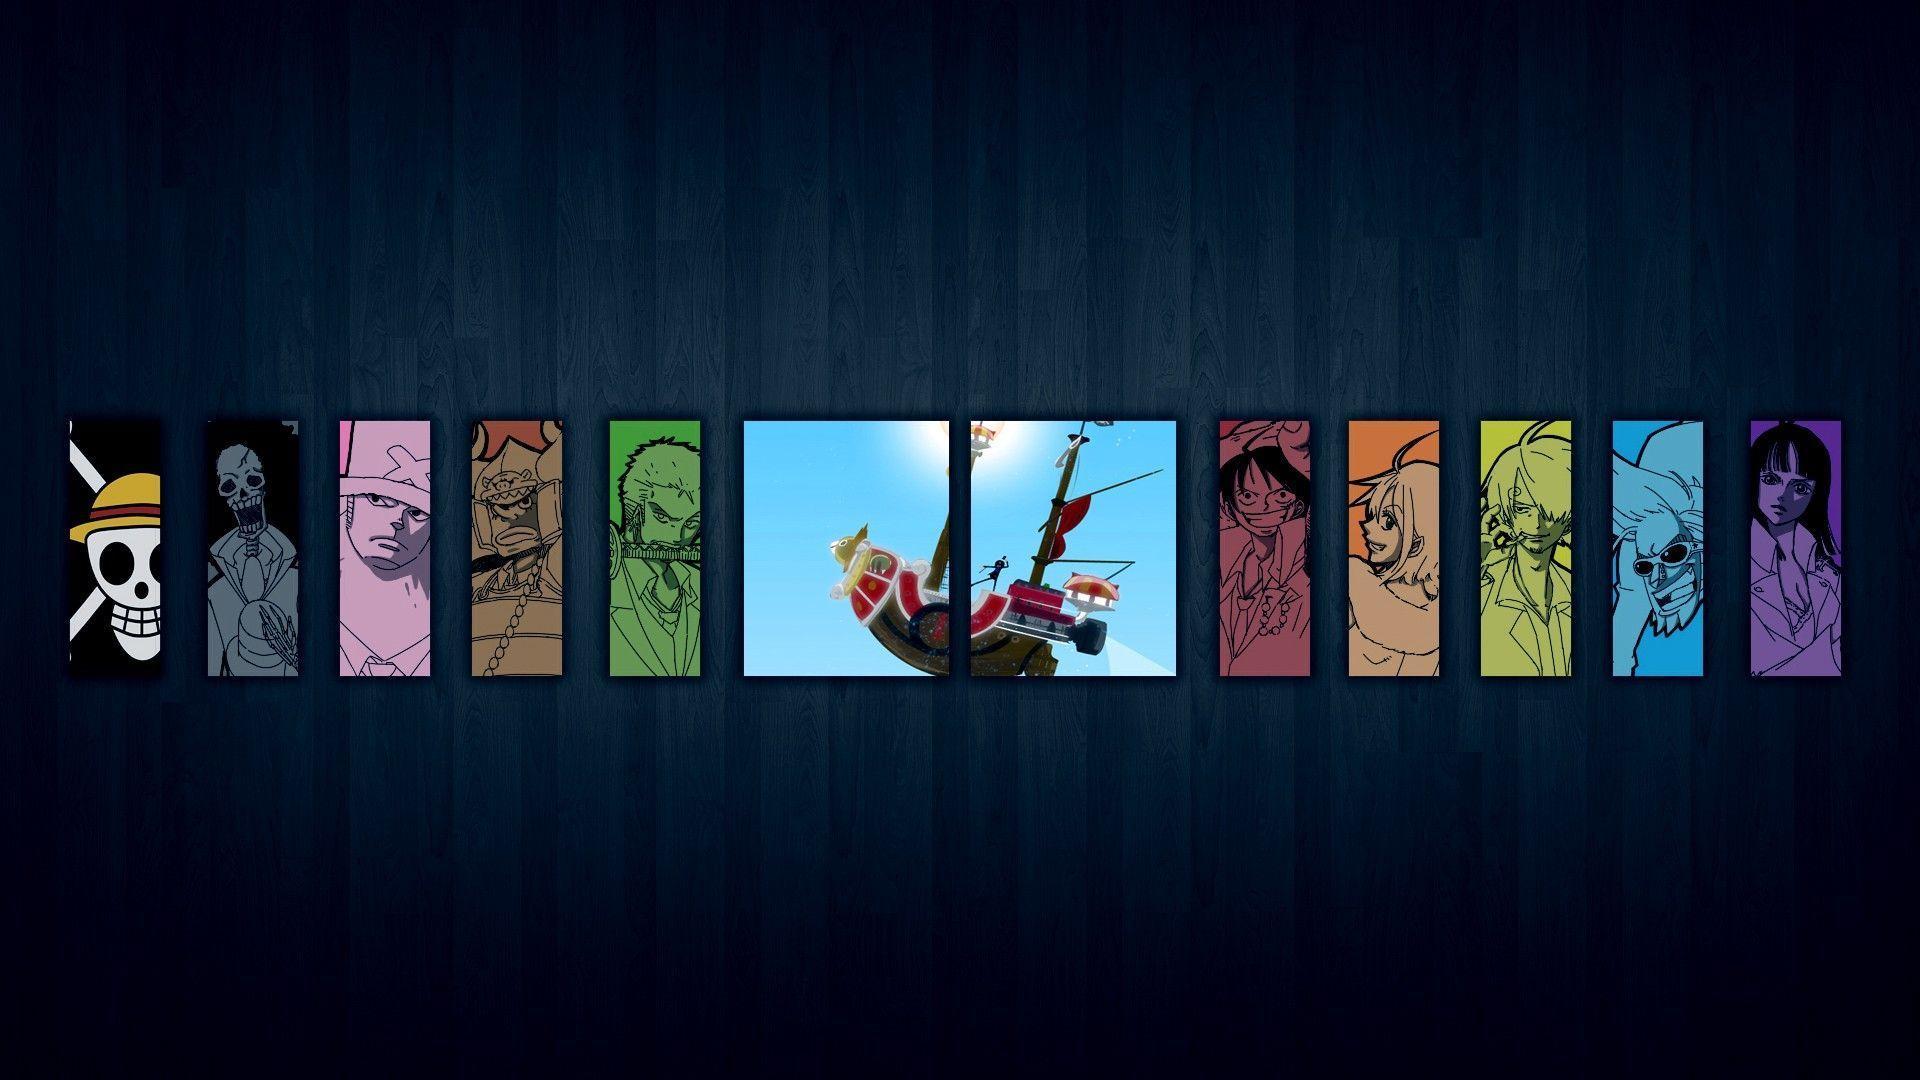 1920x1080 Hình nền One Piece 1920x1080 - Hình nền số 1 HD